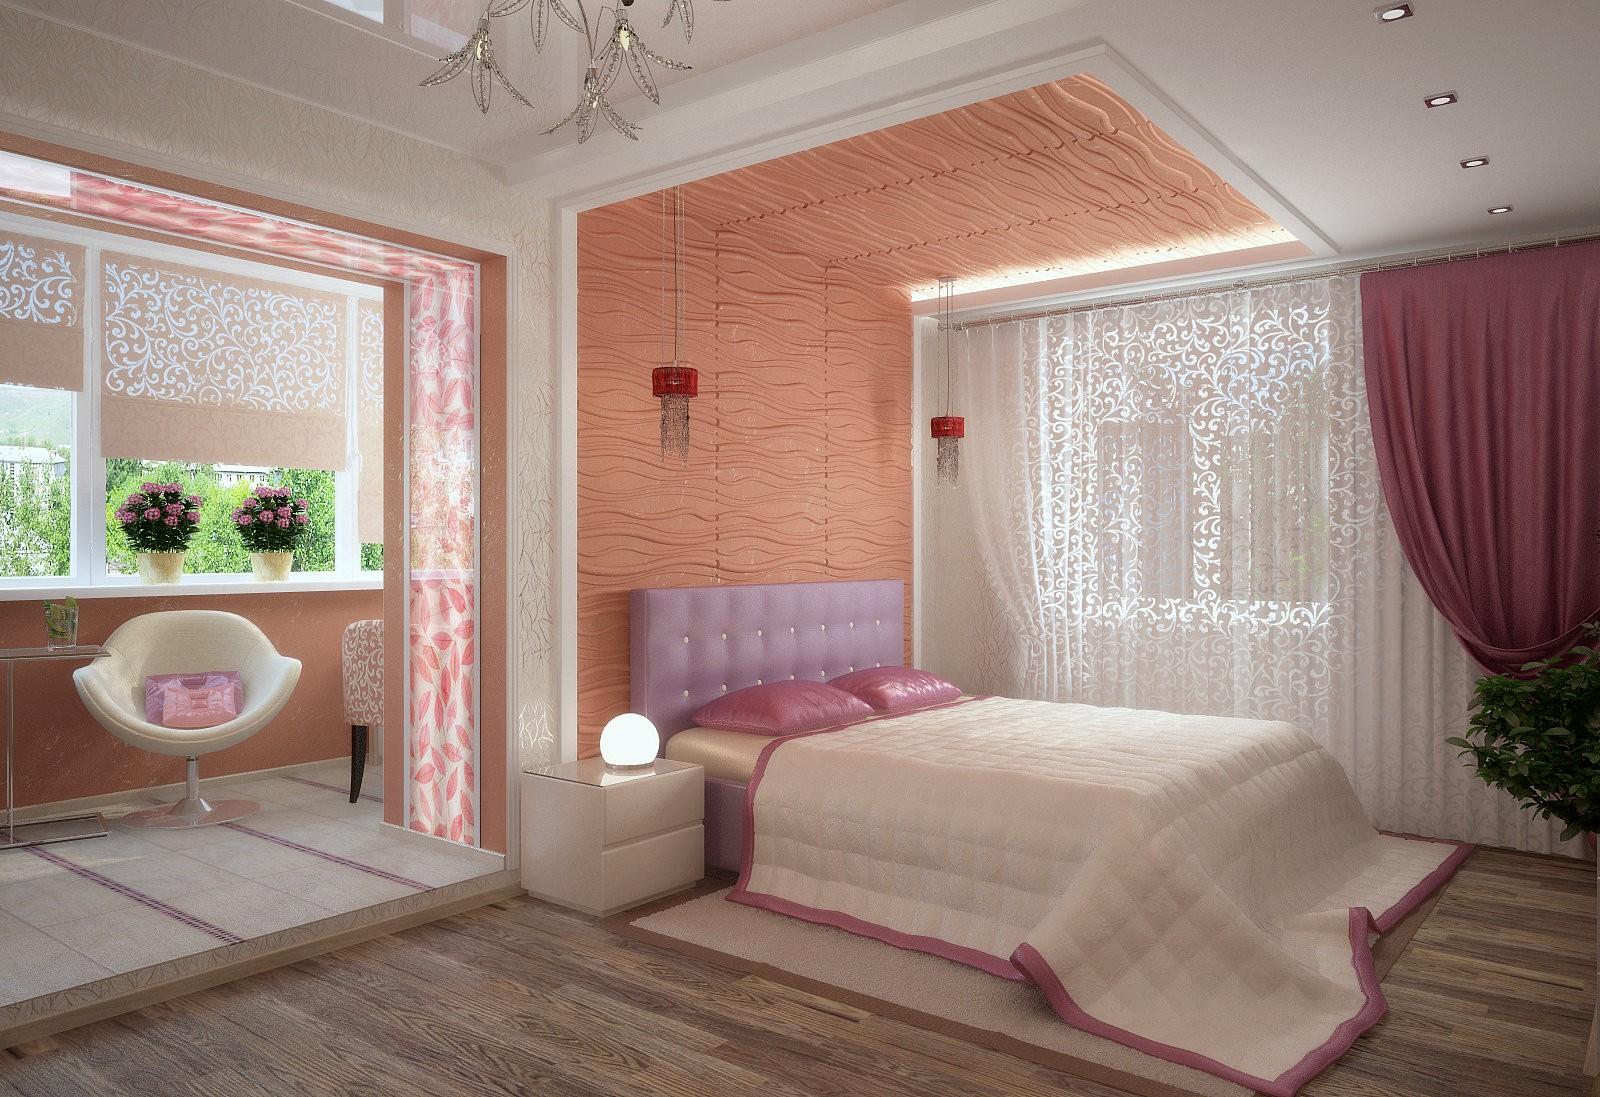 Спальня с настенными часами фото конце мая